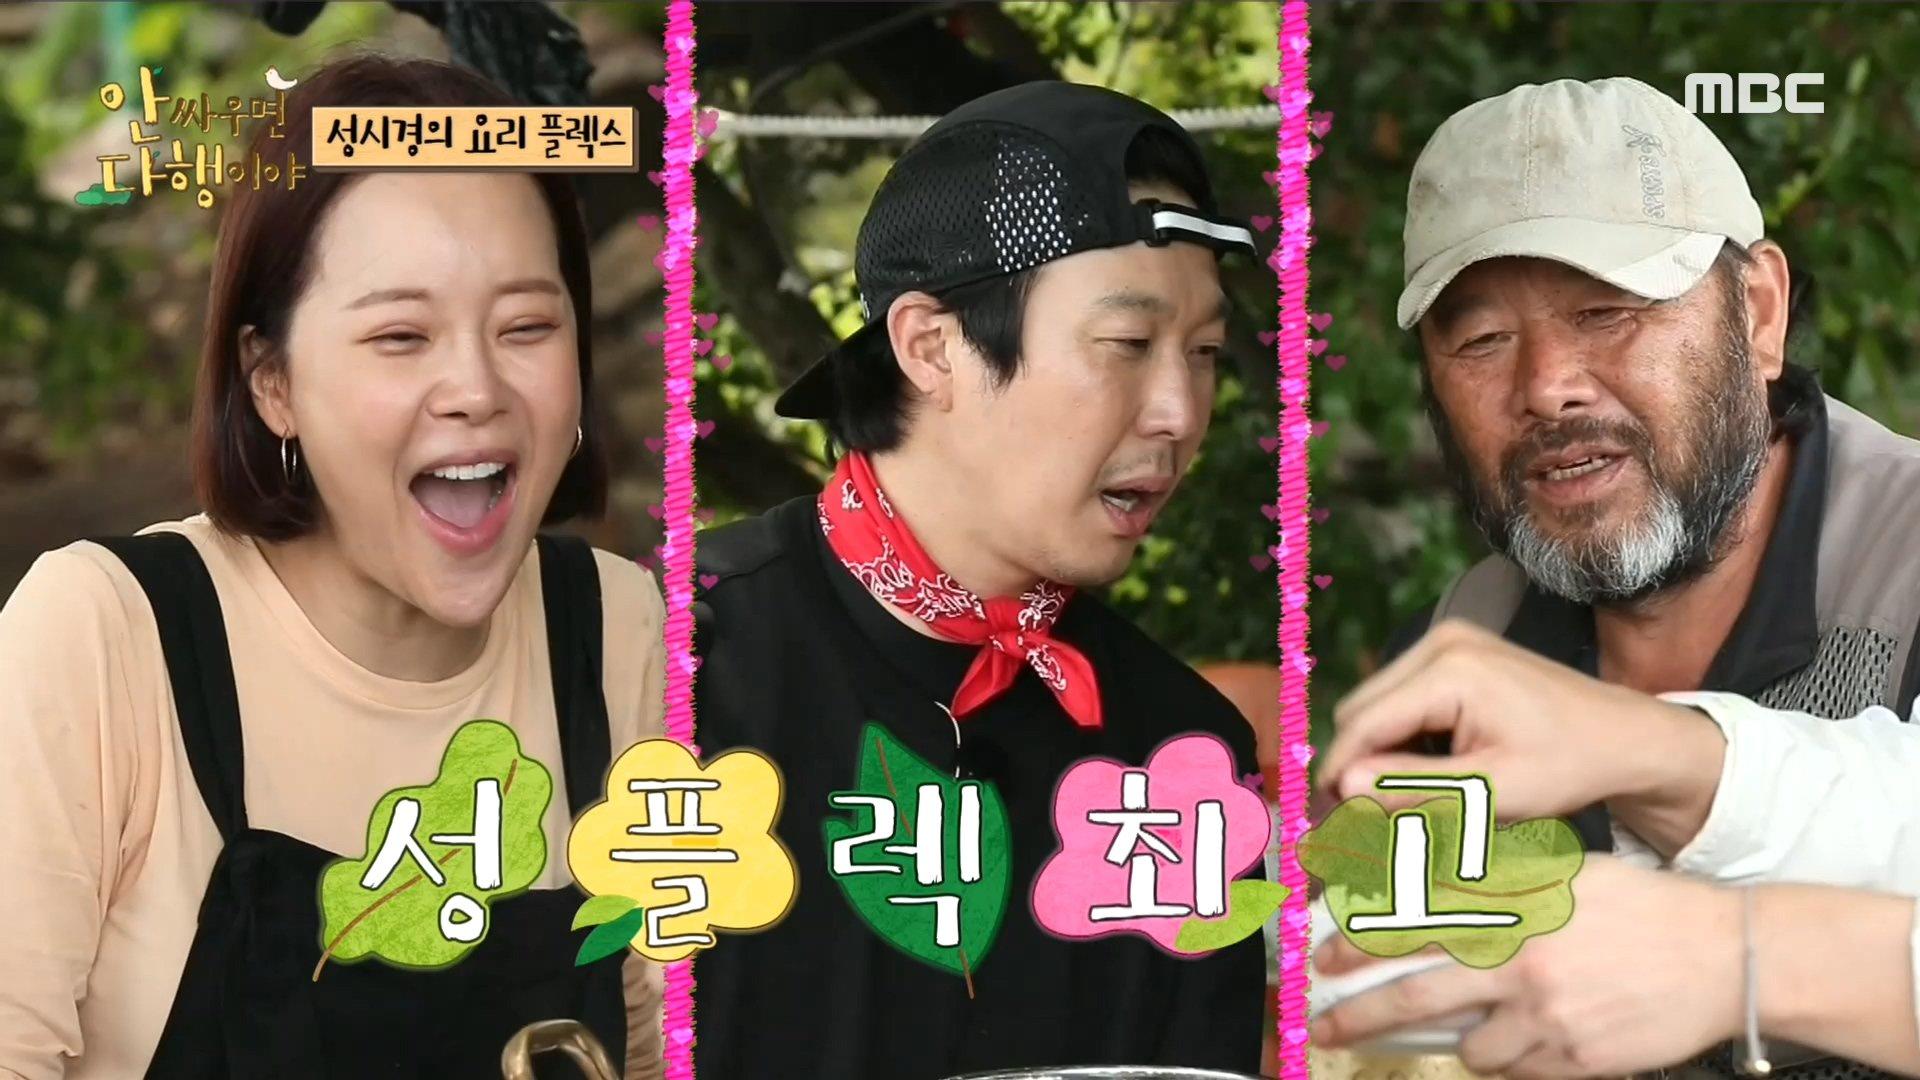 """시경표 한 상 차림에 감탄한 하하&지영 """"진짜 실력자였네...!"""", MBC 210712 방송"""